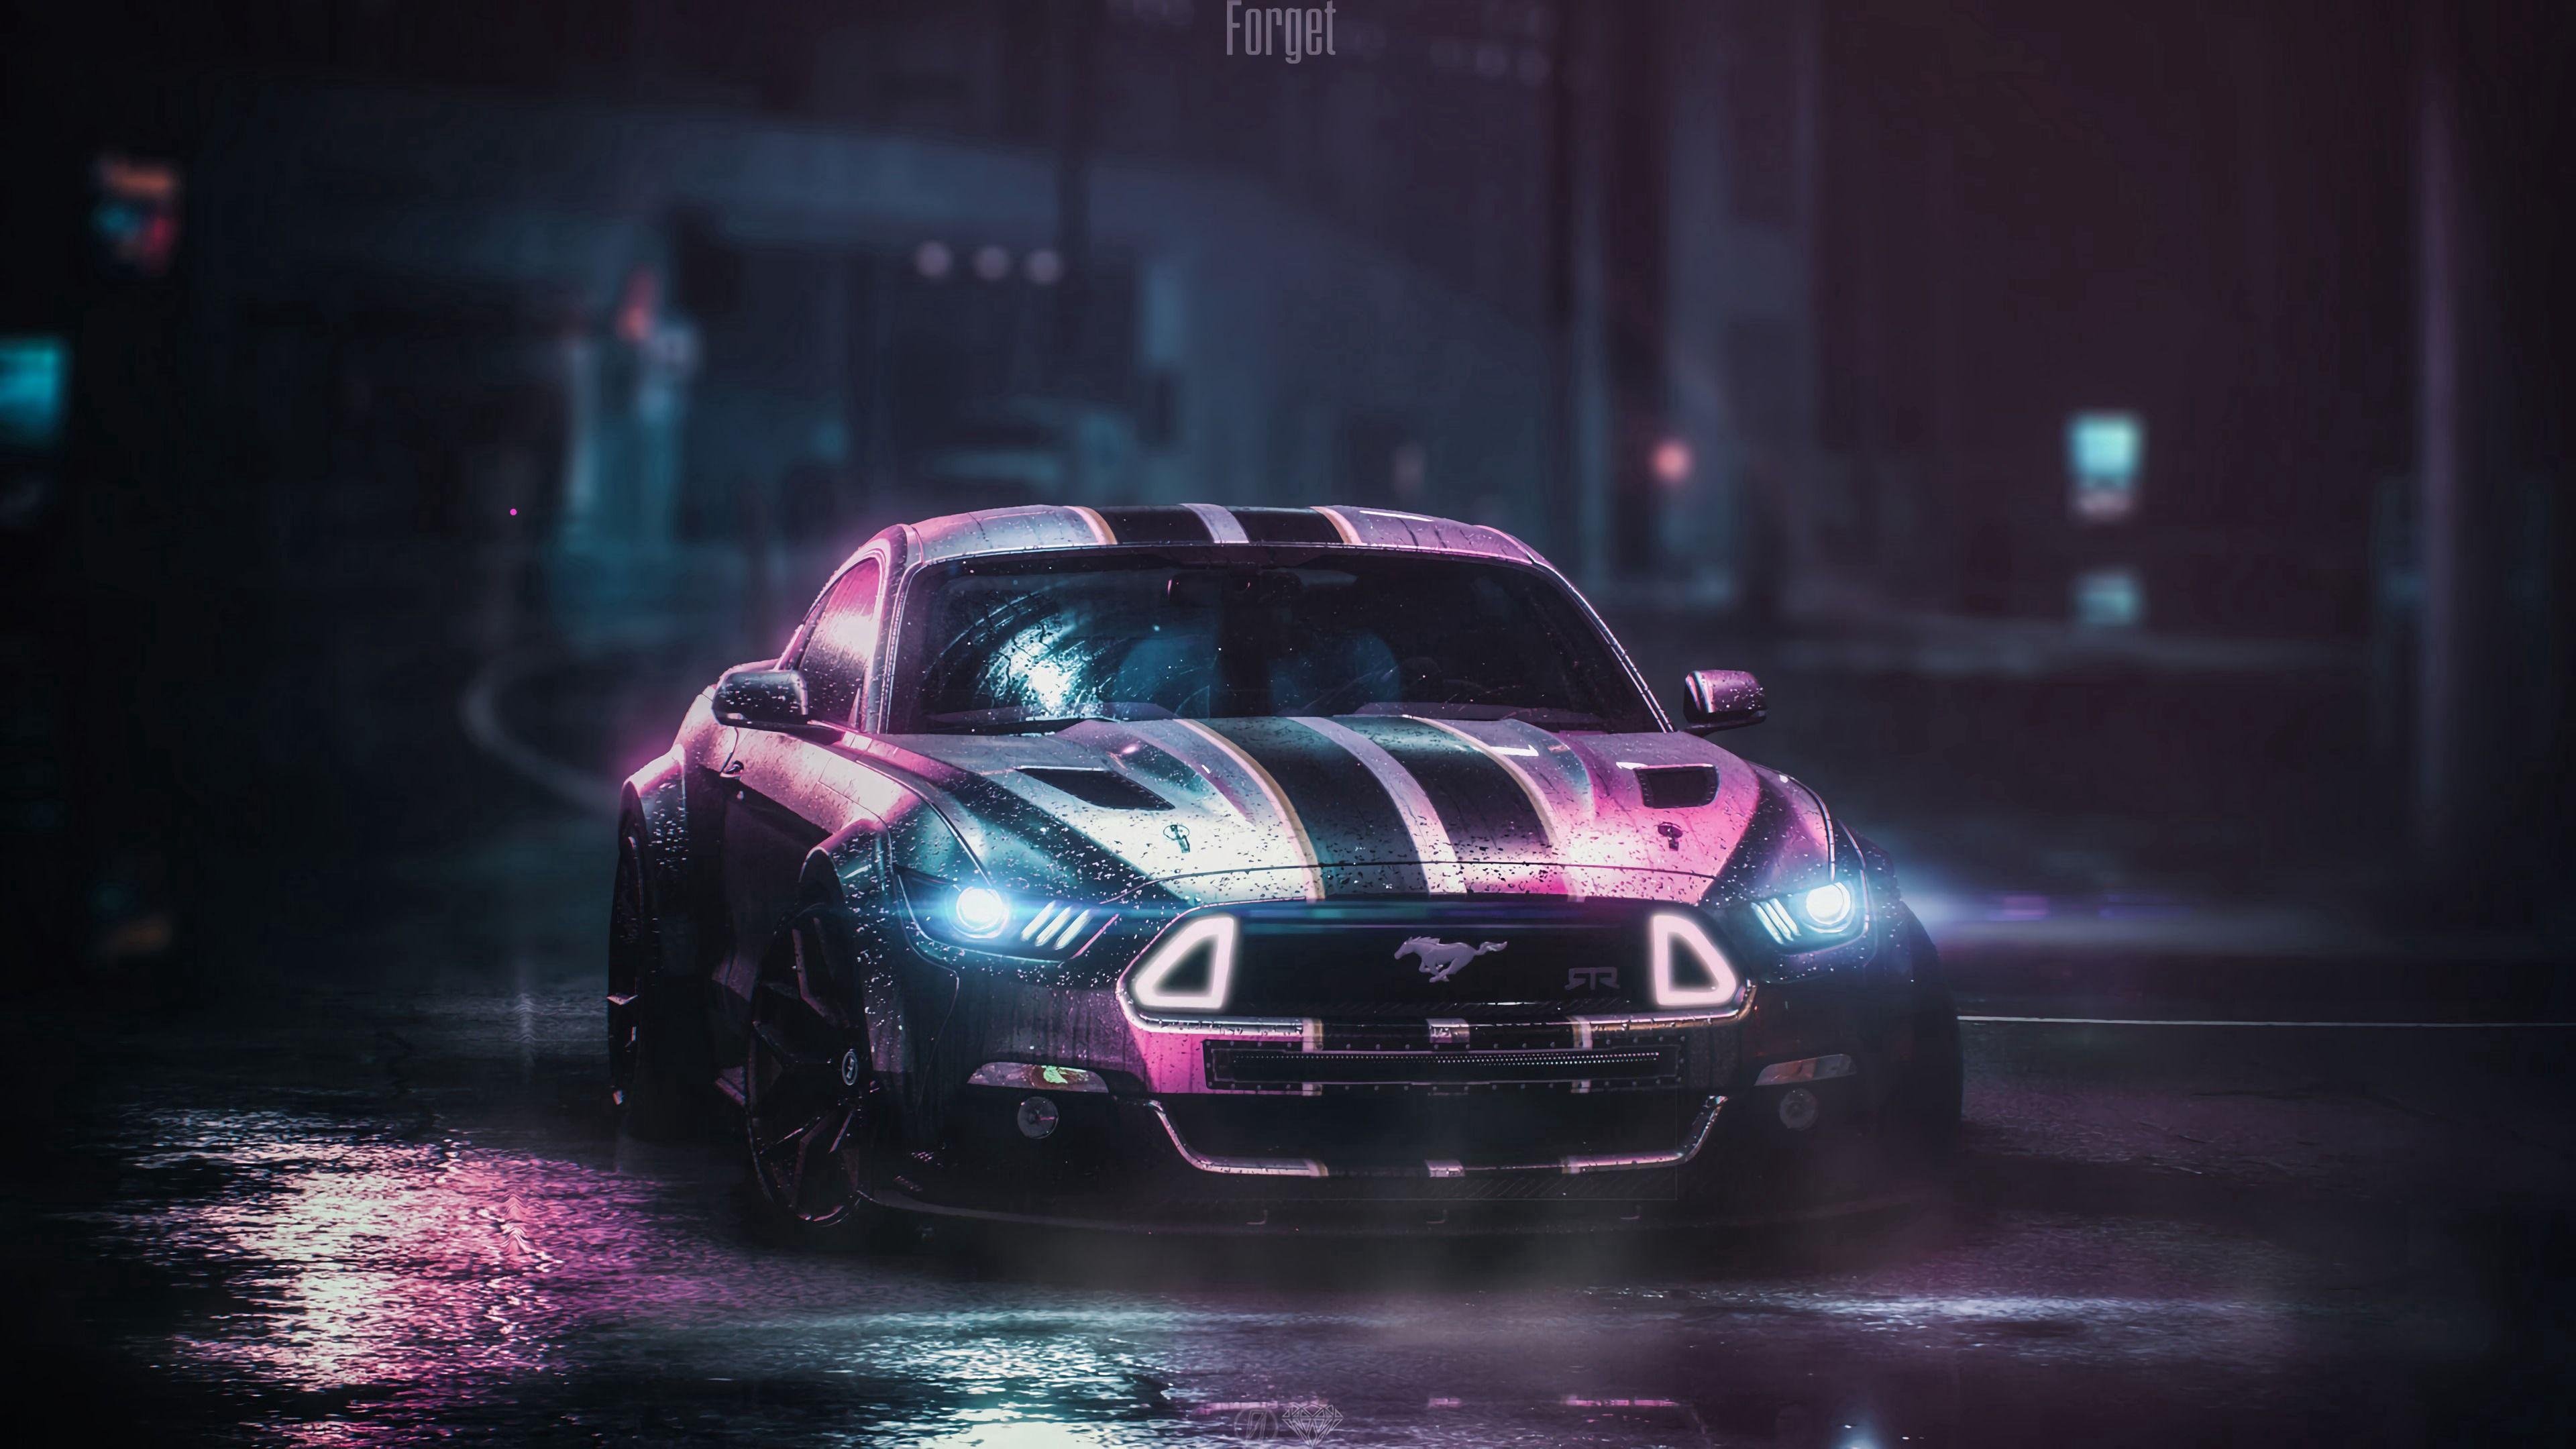 124039 Hintergrundbild herunterladen Auto, Ford, Cars, Übernachtung, Nass, Maschine, Neon, Ford Mustang Gt, Ford Mustang Gtr - Bildschirmschoner und Bilder kostenlos